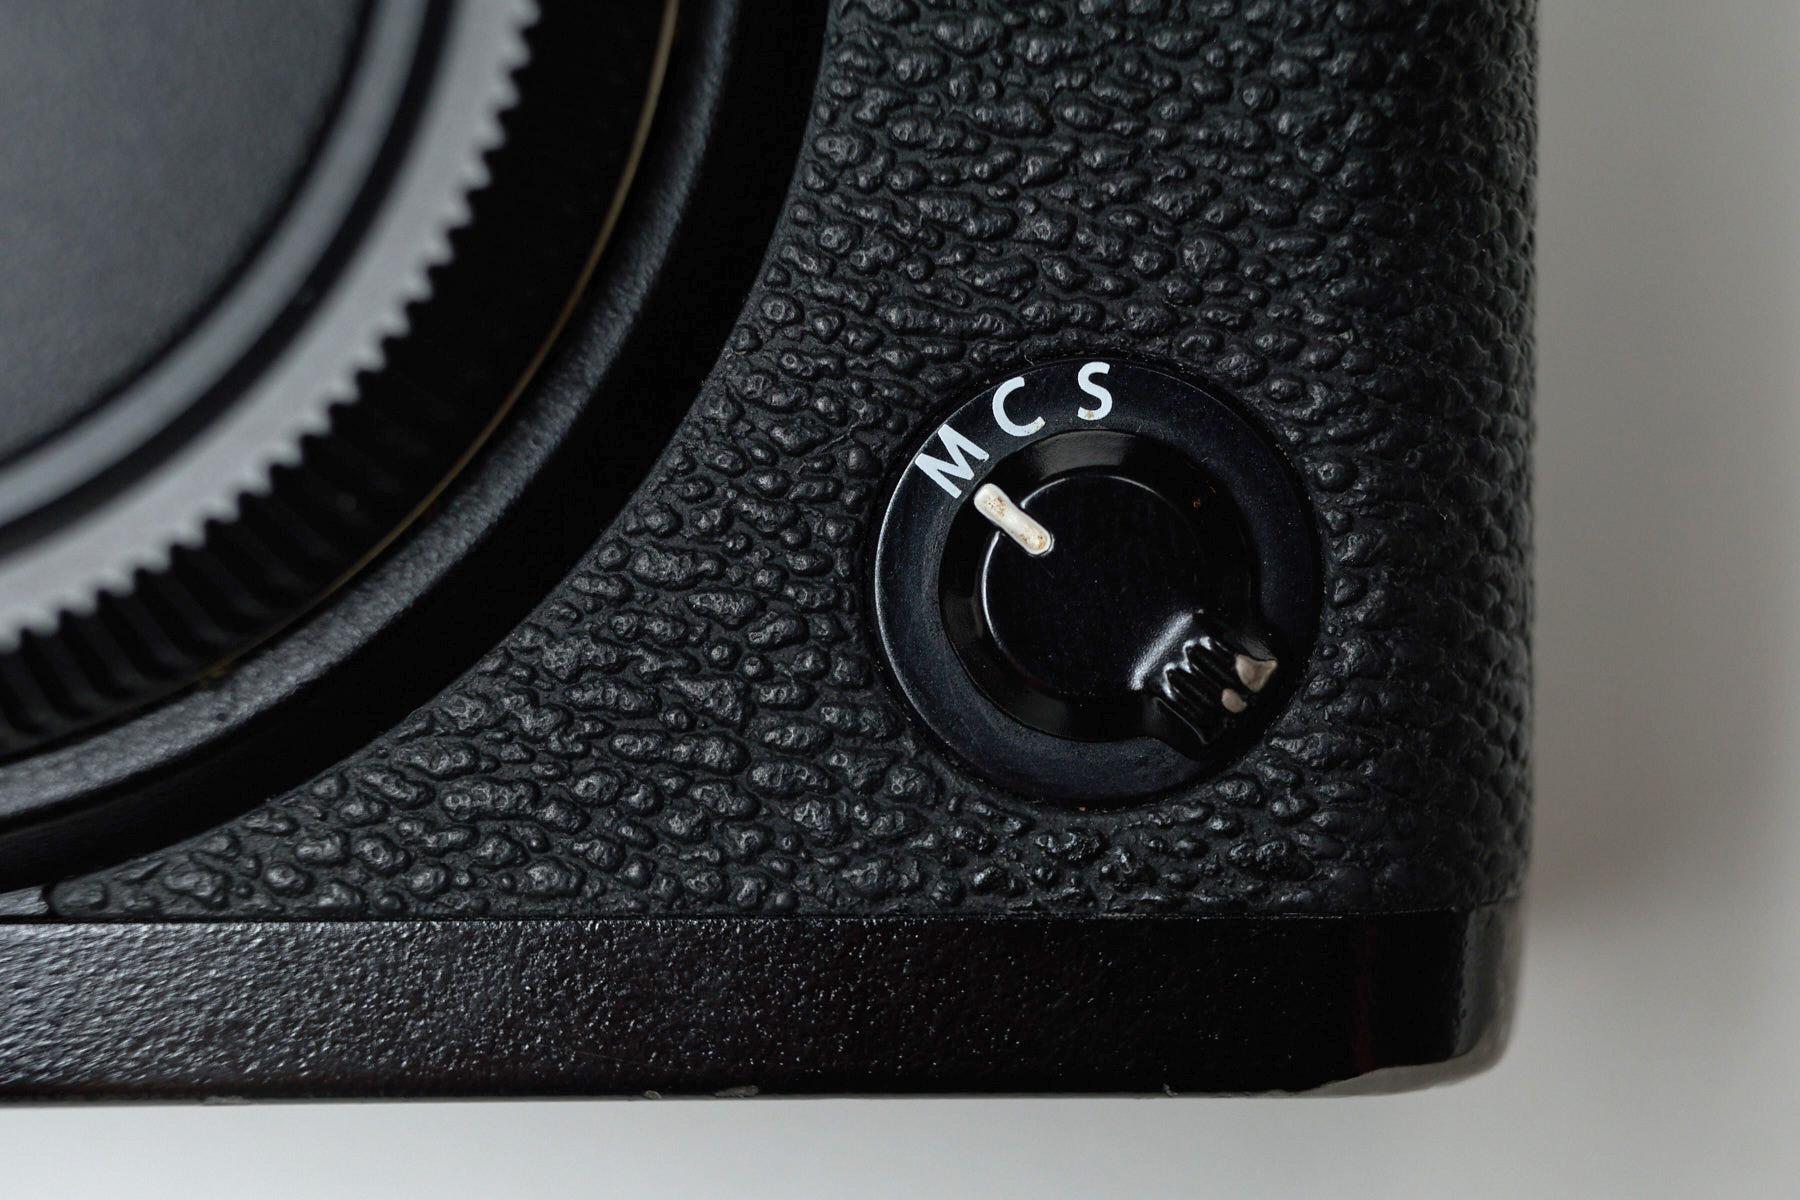 Fujifilm Manual Focus Switch